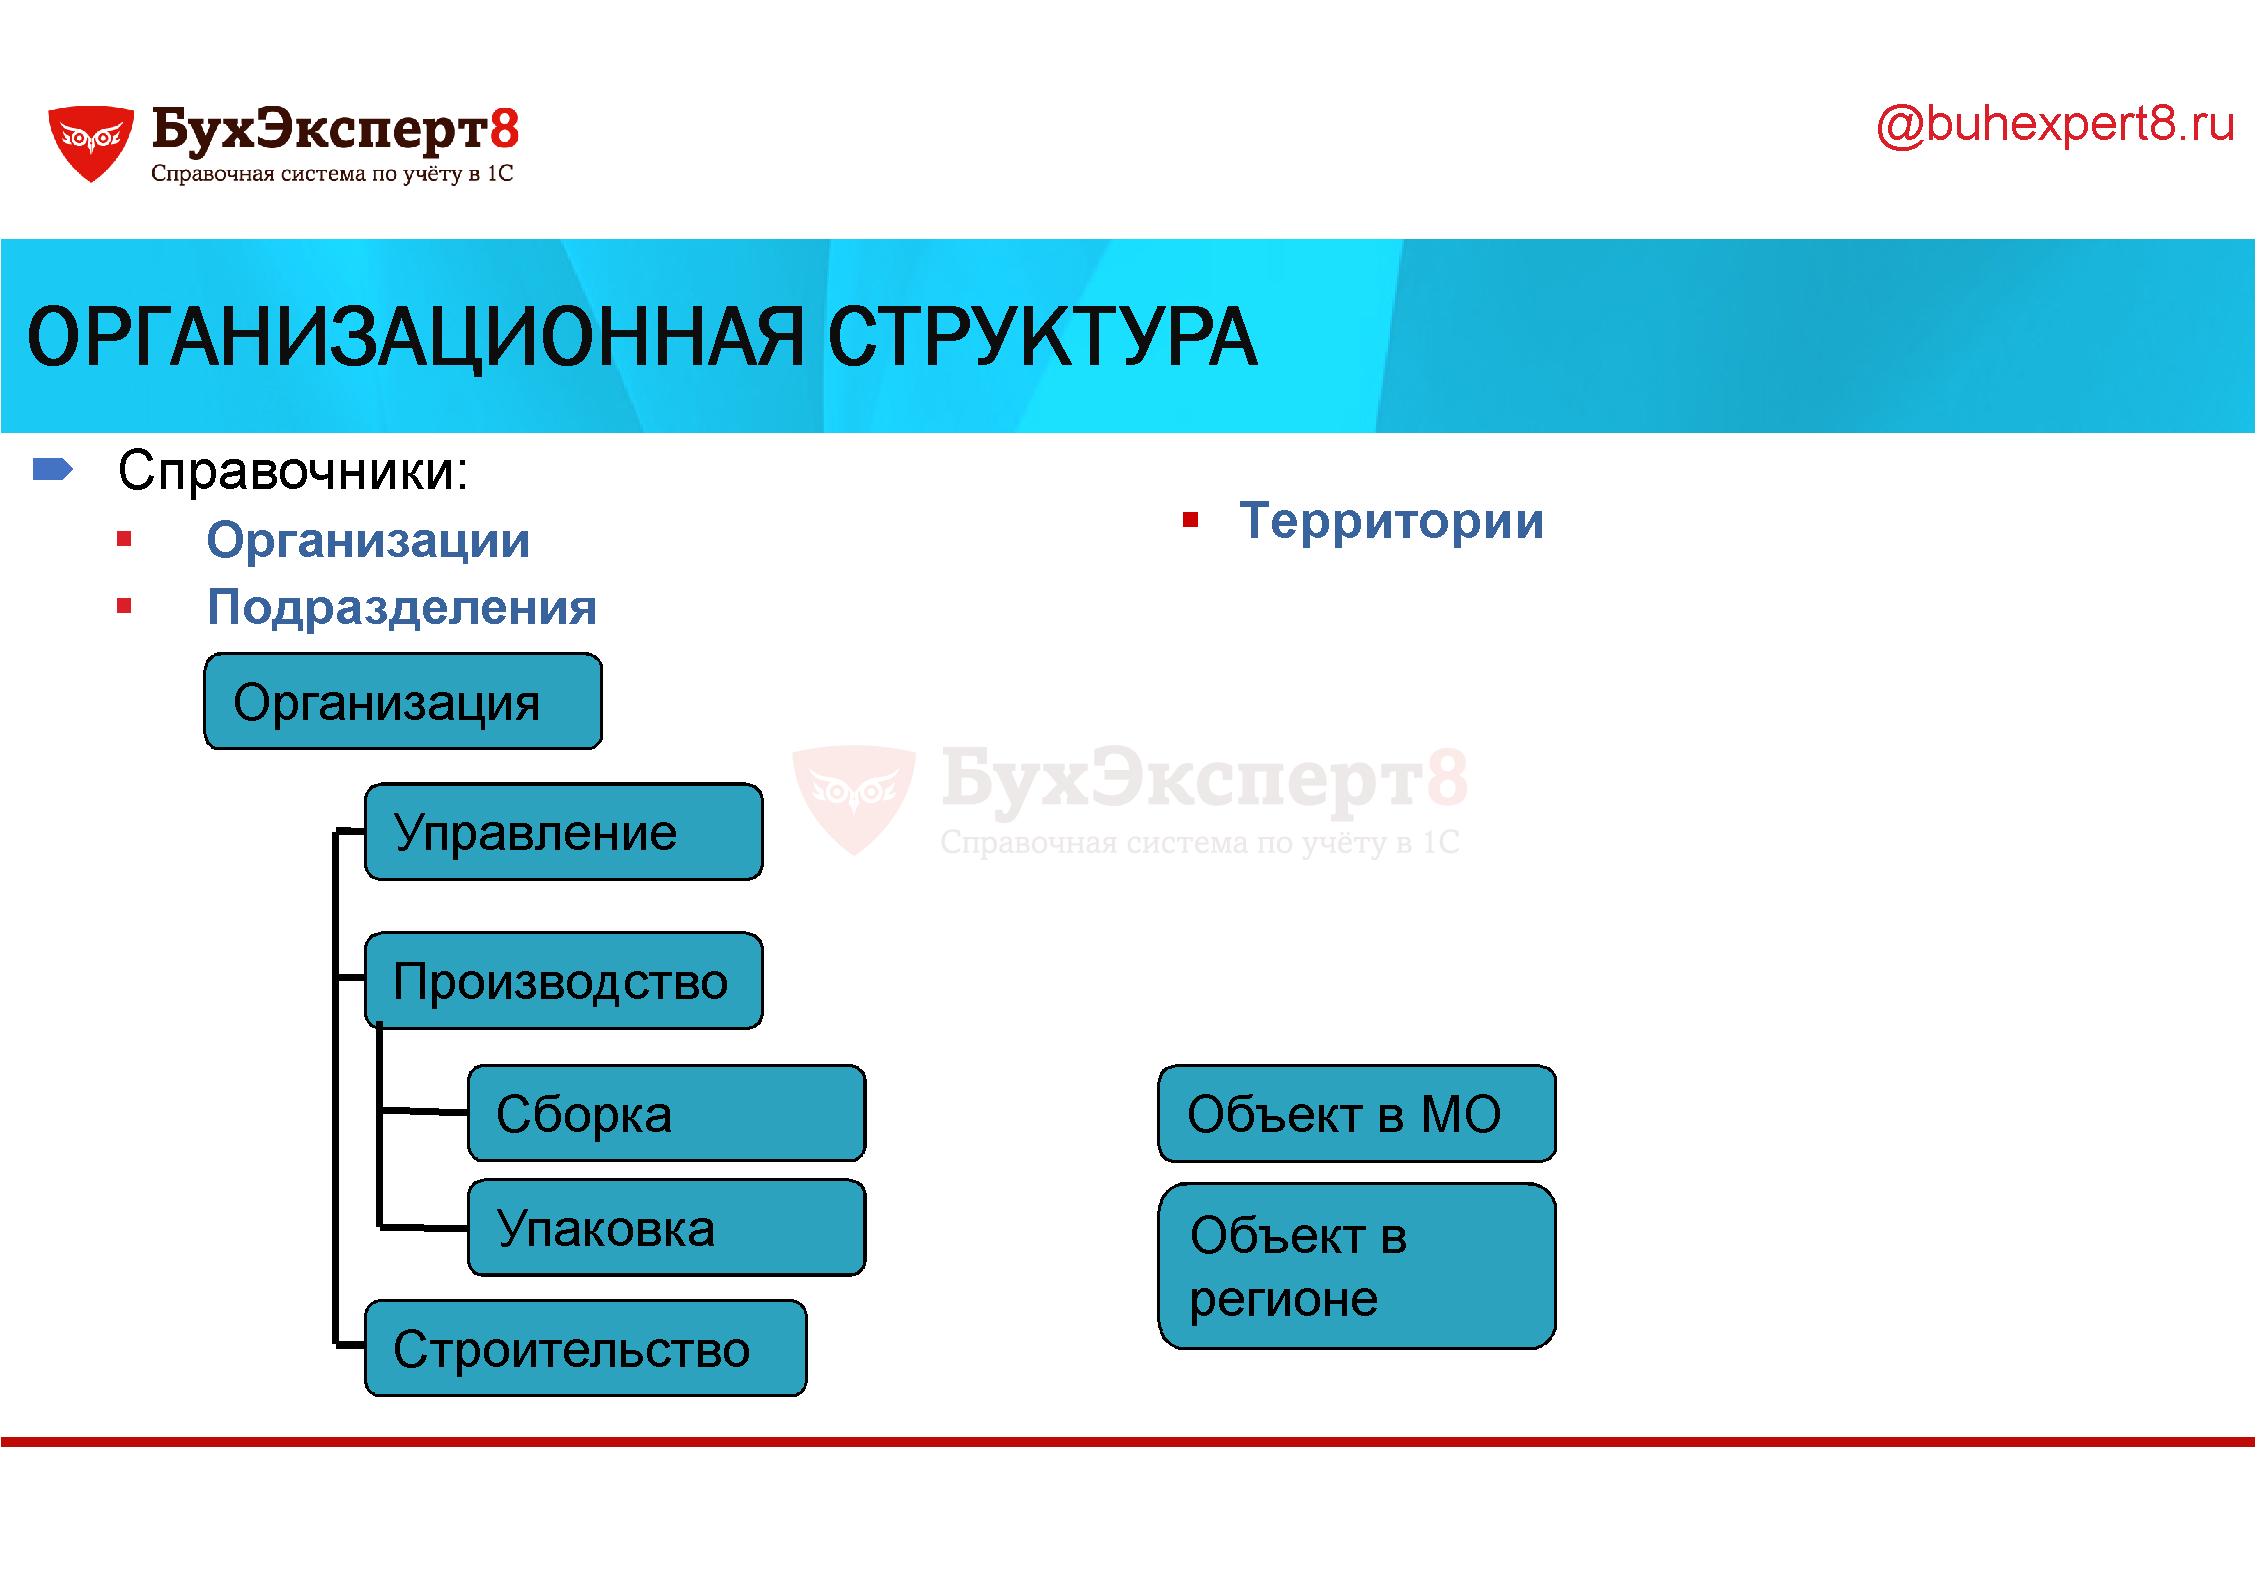 Организационная структура Справочники: Организации Подразделения Территории